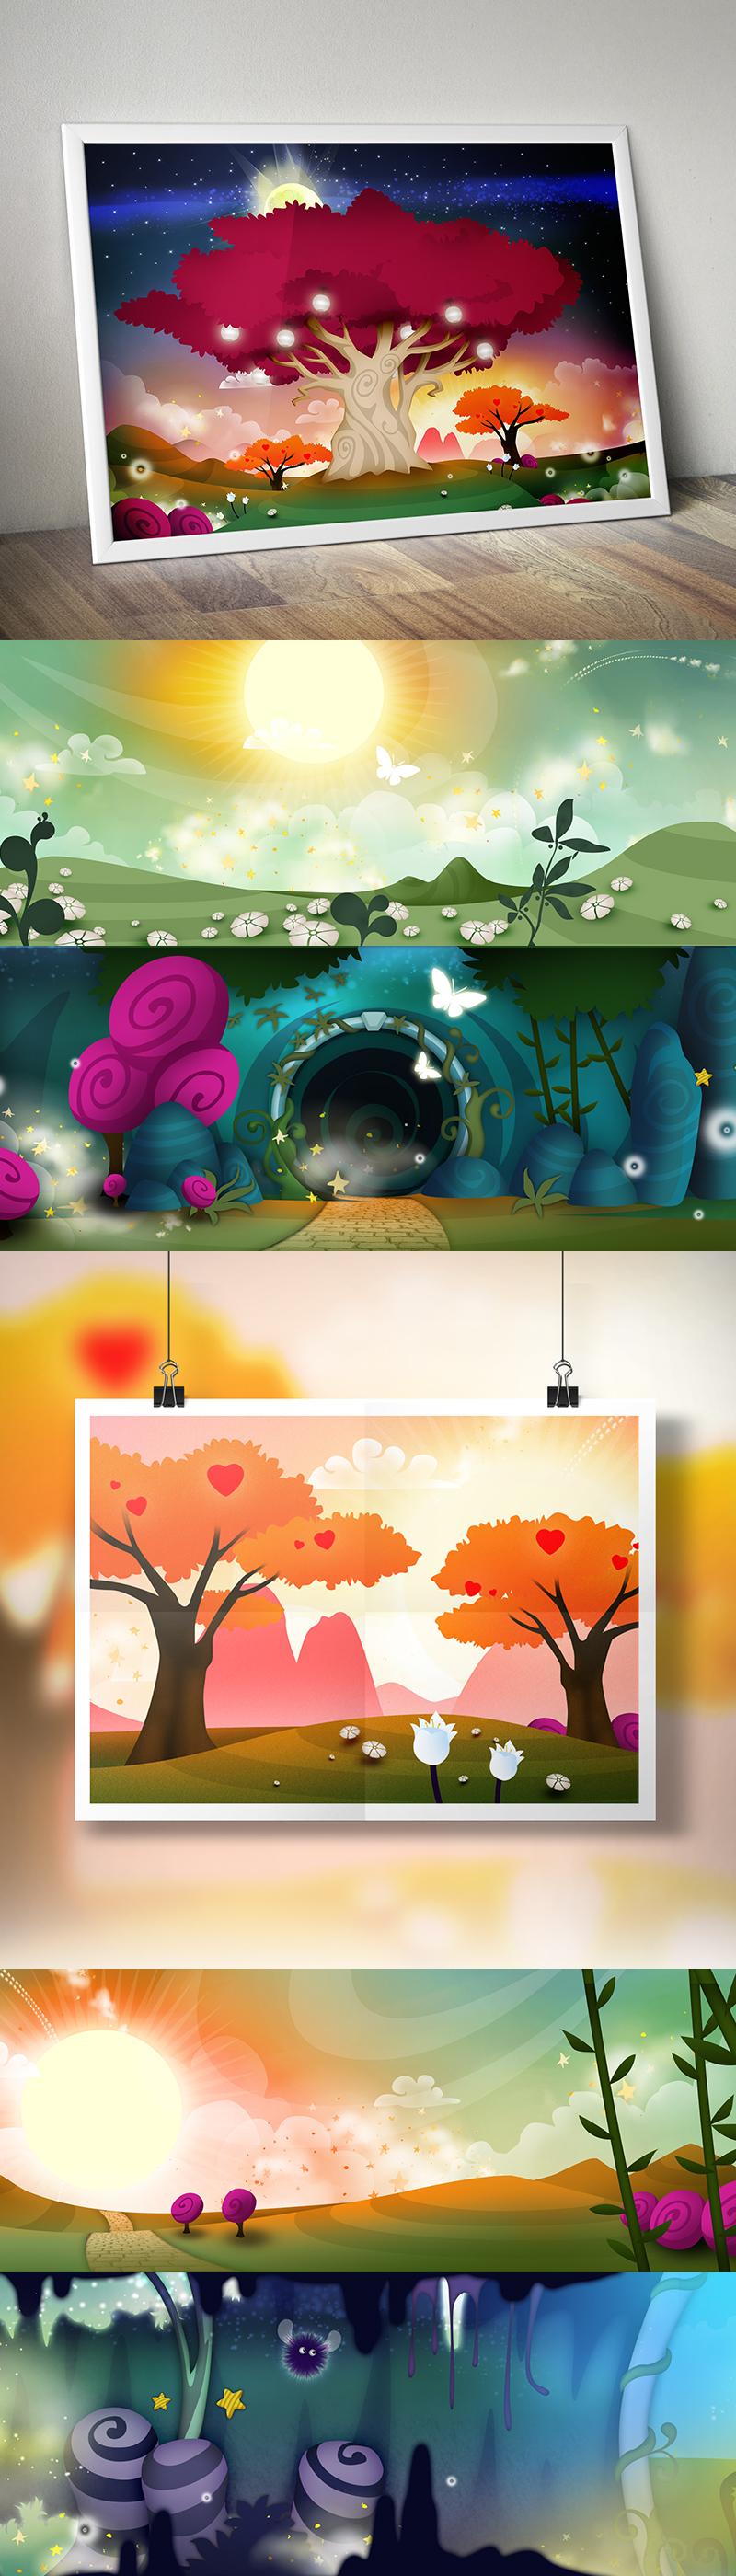 Directeur artistique freelance Portfolio Paris - Illustrateur